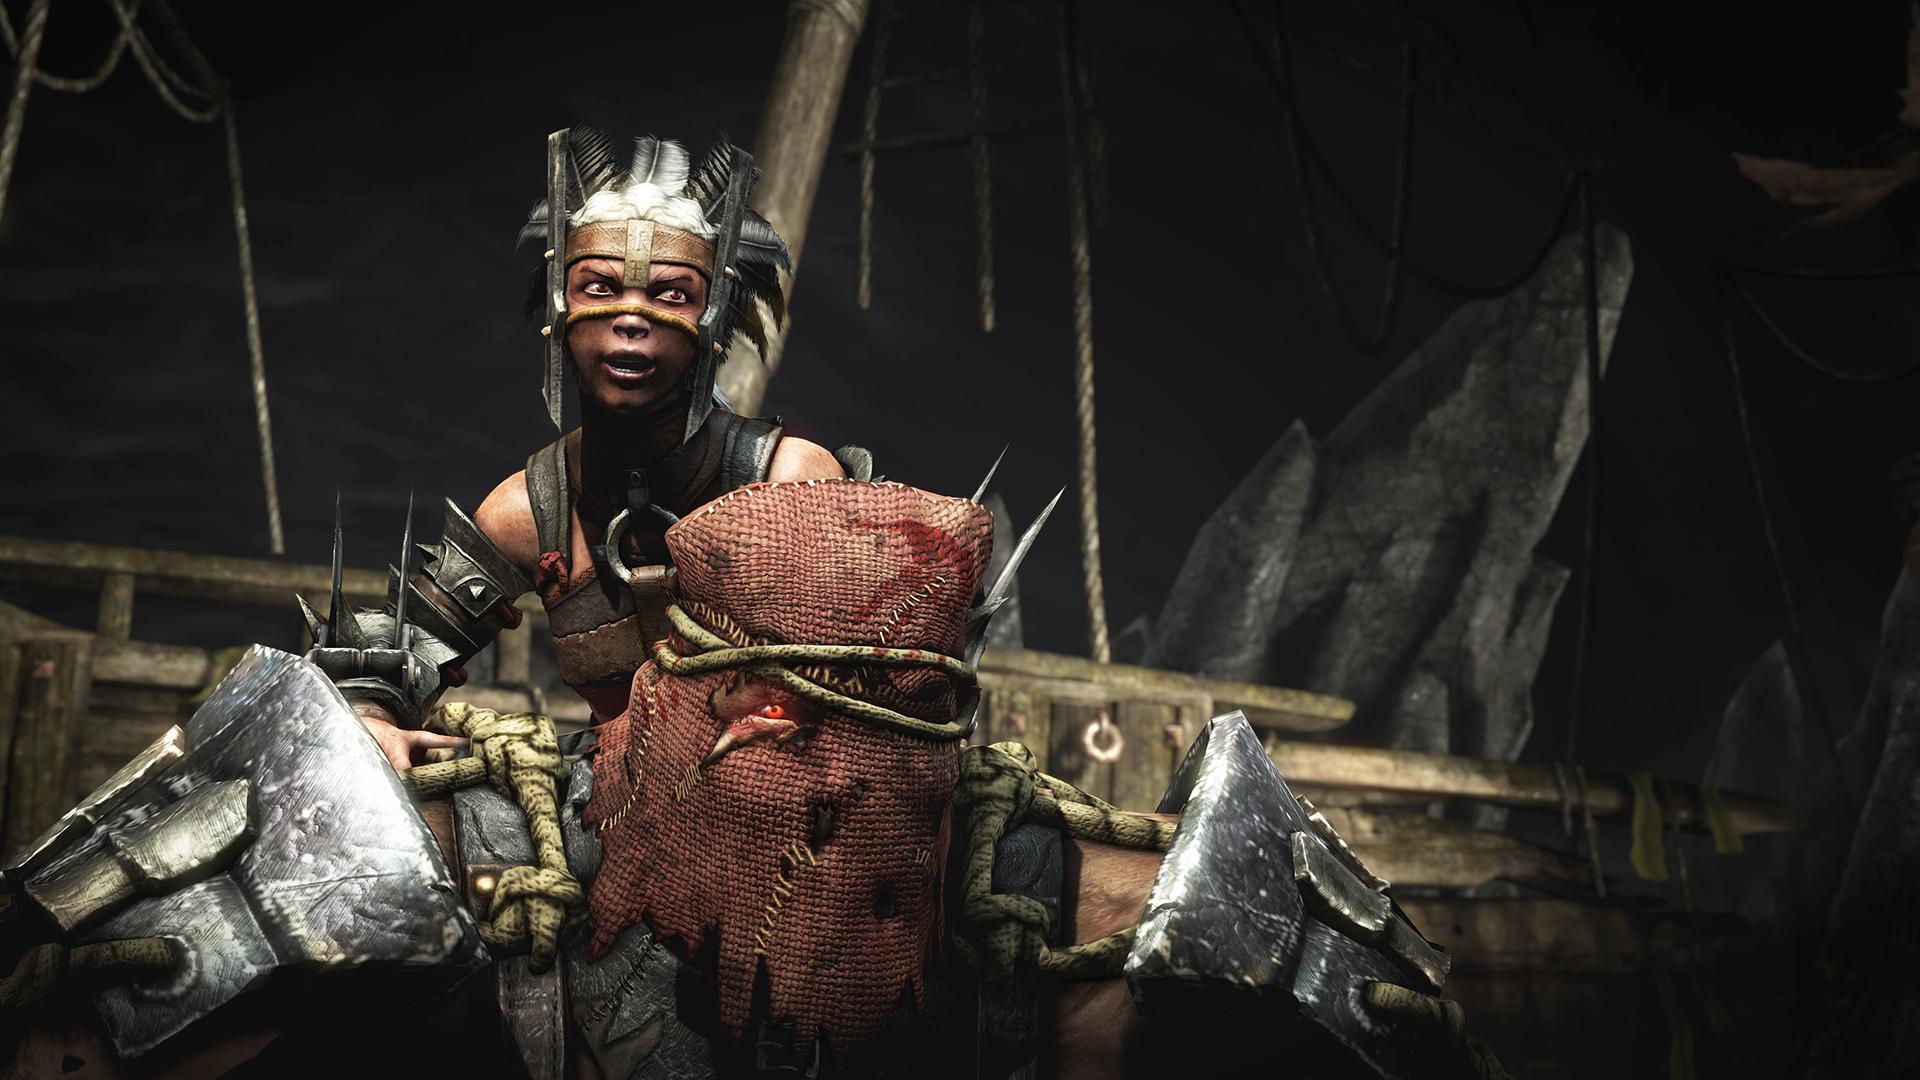 Primeras imágenes oficiales de Mortal Kombat X 8j5y